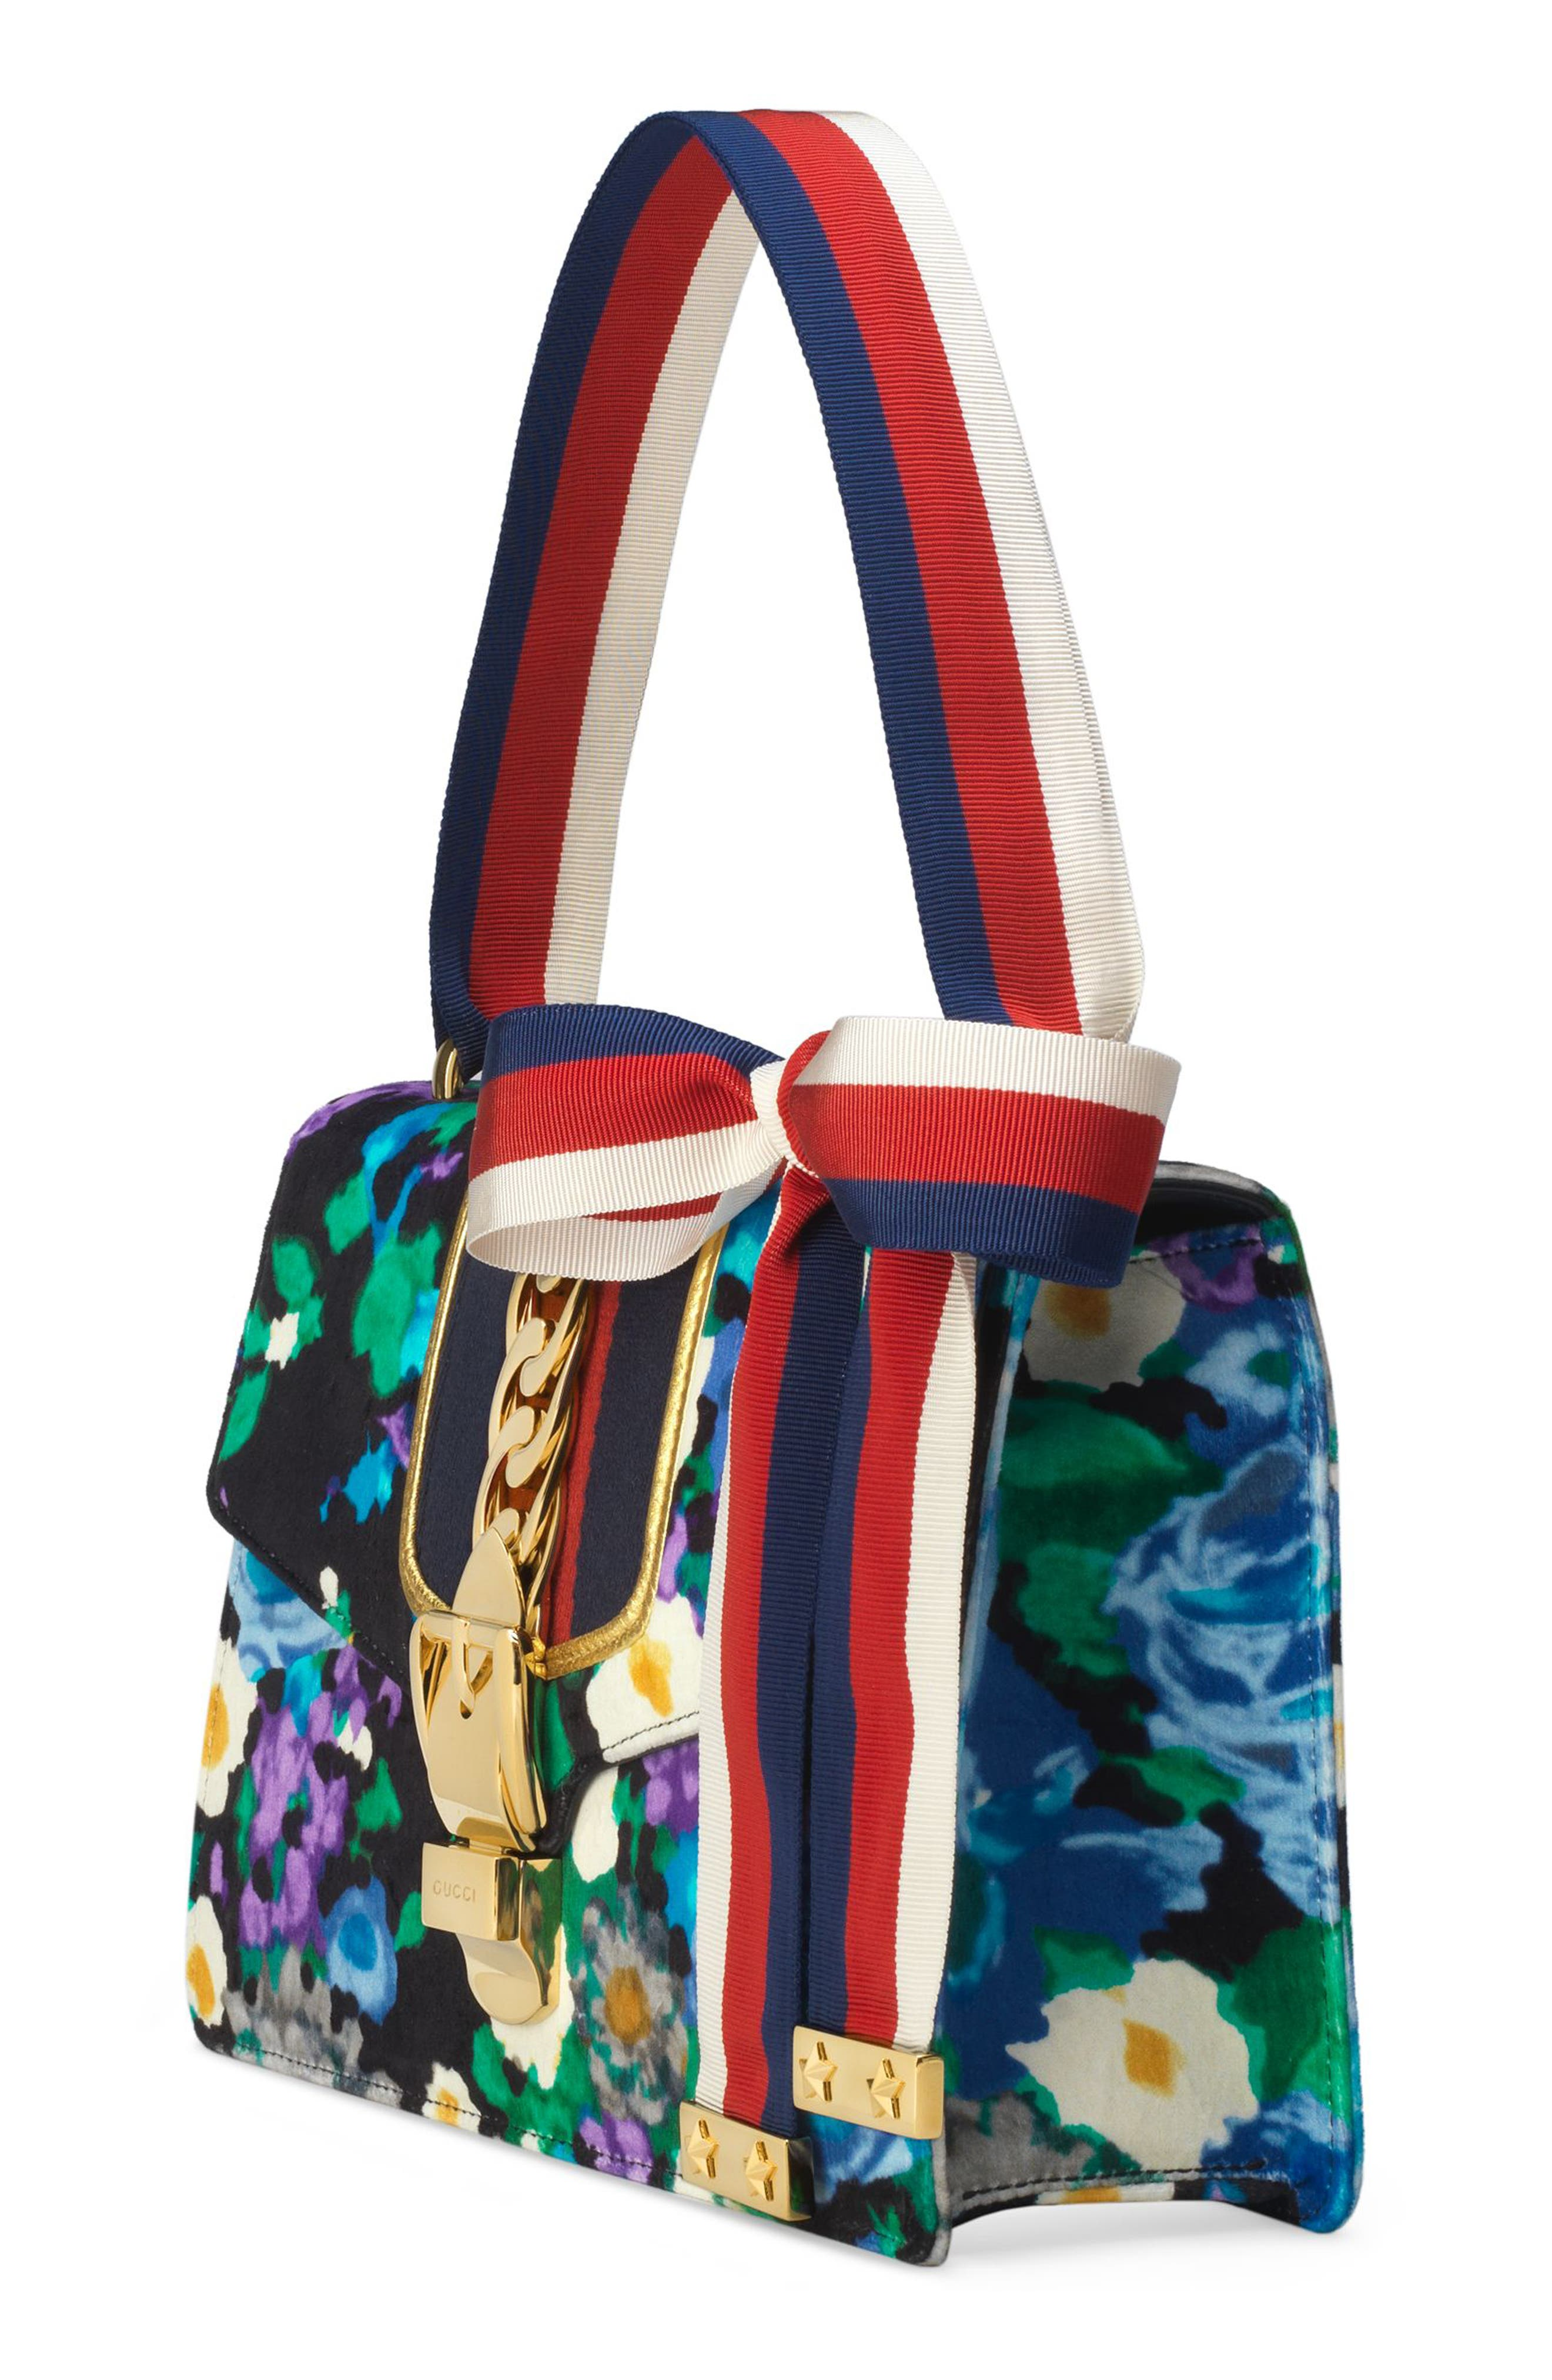 Small Floral Print Leather Shoulder Bag,                             Alternate thumbnail 4, color,                             Black/ Blue Red Blue